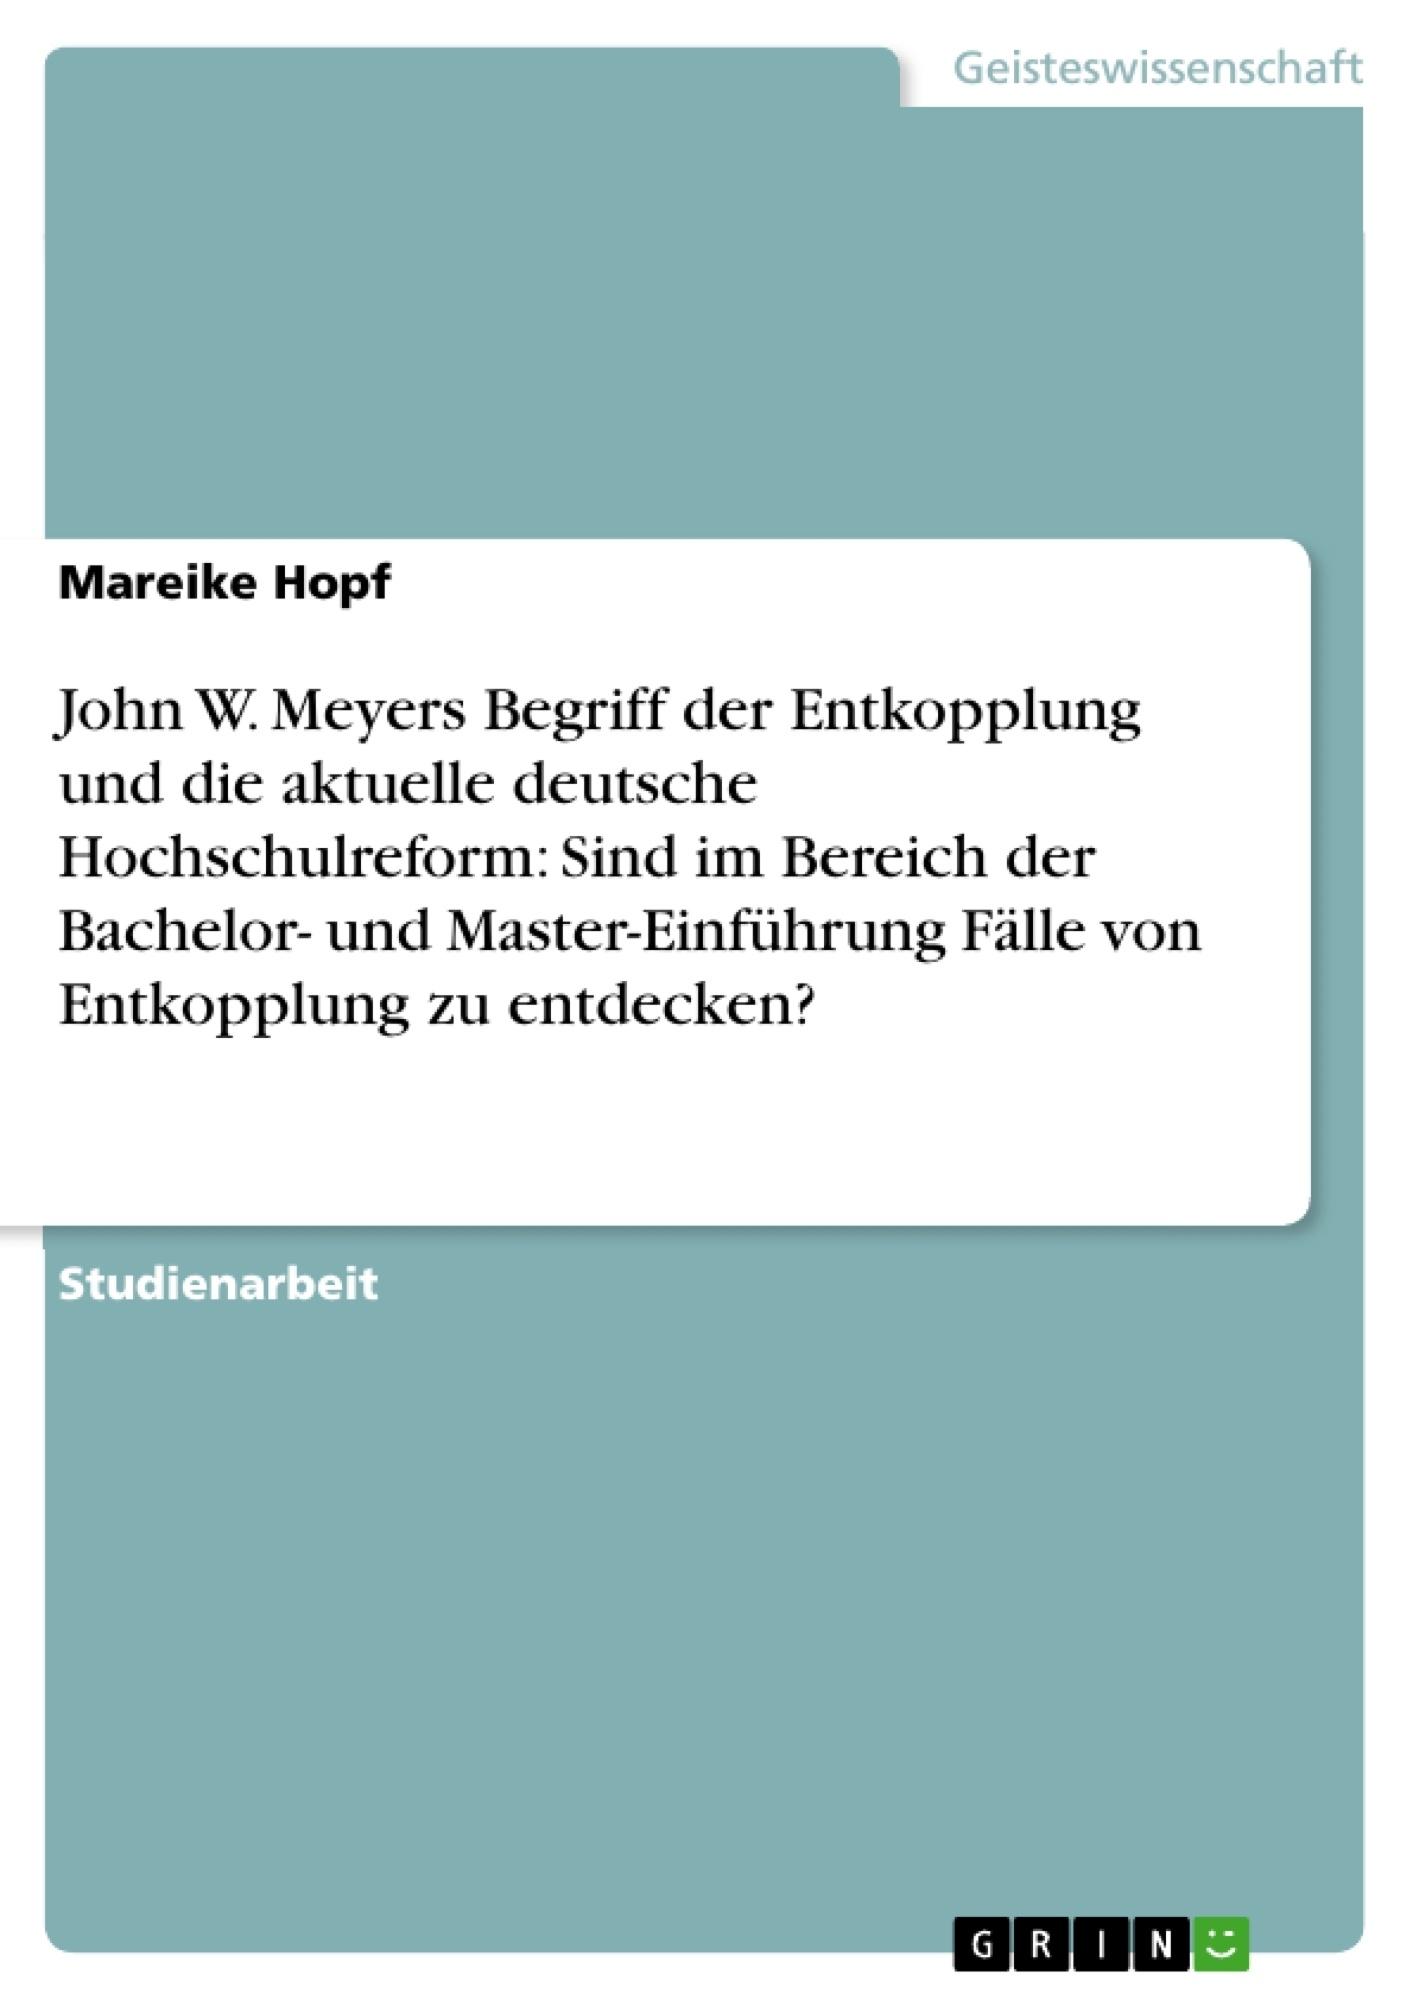 Titel: John W. Meyers Begriff der Entkopplung und die aktuelle deutsche Hochschulreform: Sind im Bereich der Bachelor- und Master-Einführung Fälle von Entkopplung zu entdecken?